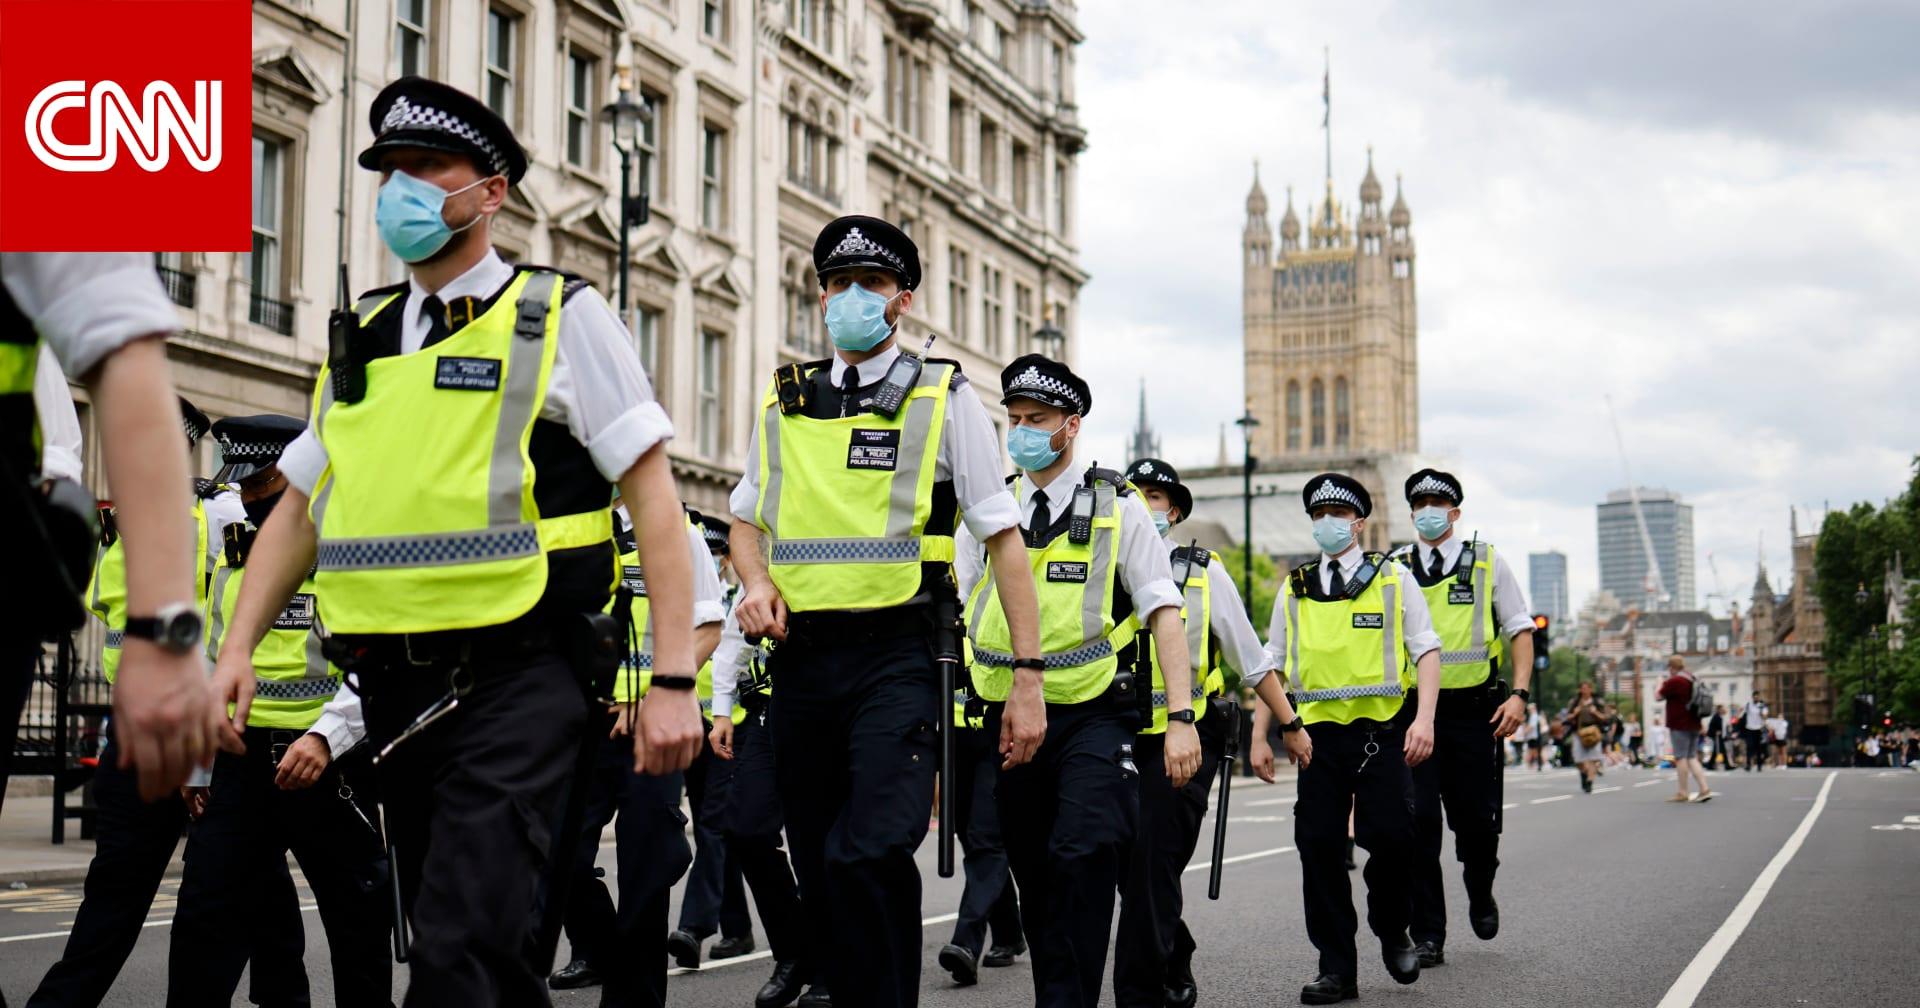 رئيس الاستخبارات البريطانية يطالب بقوانين تجسس أكثر صرامة ضد تهديدات روسيا والصين وإيران